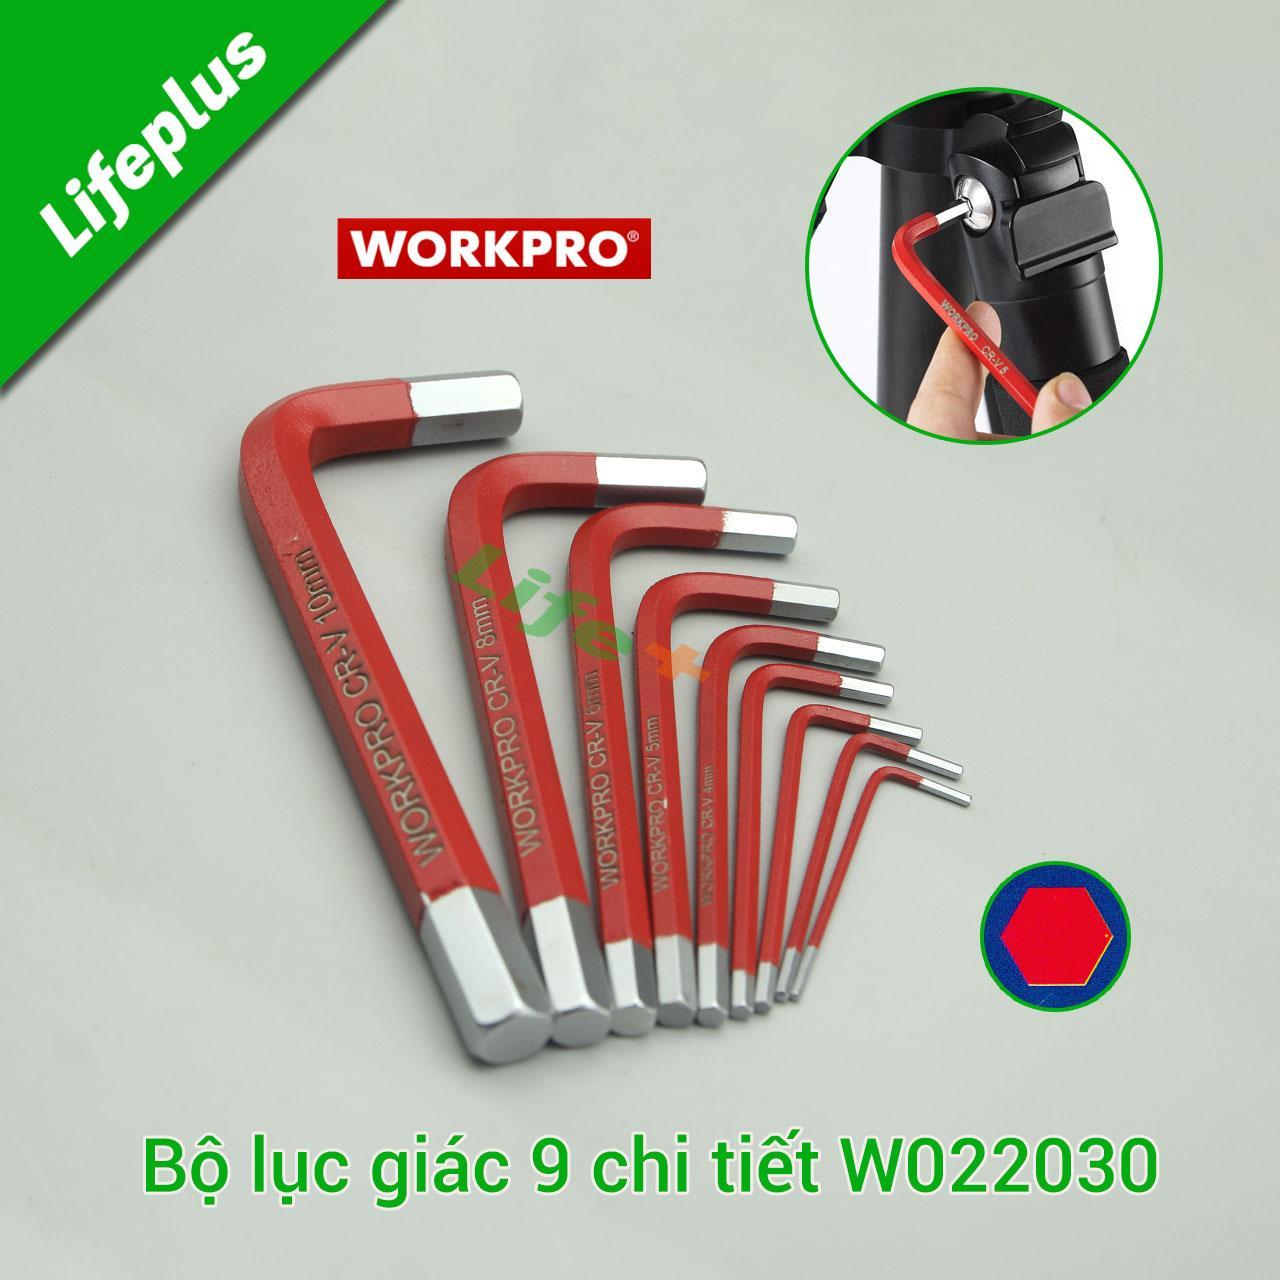 Bộ lục giác 9 cây loại ngắn Workpro W022030